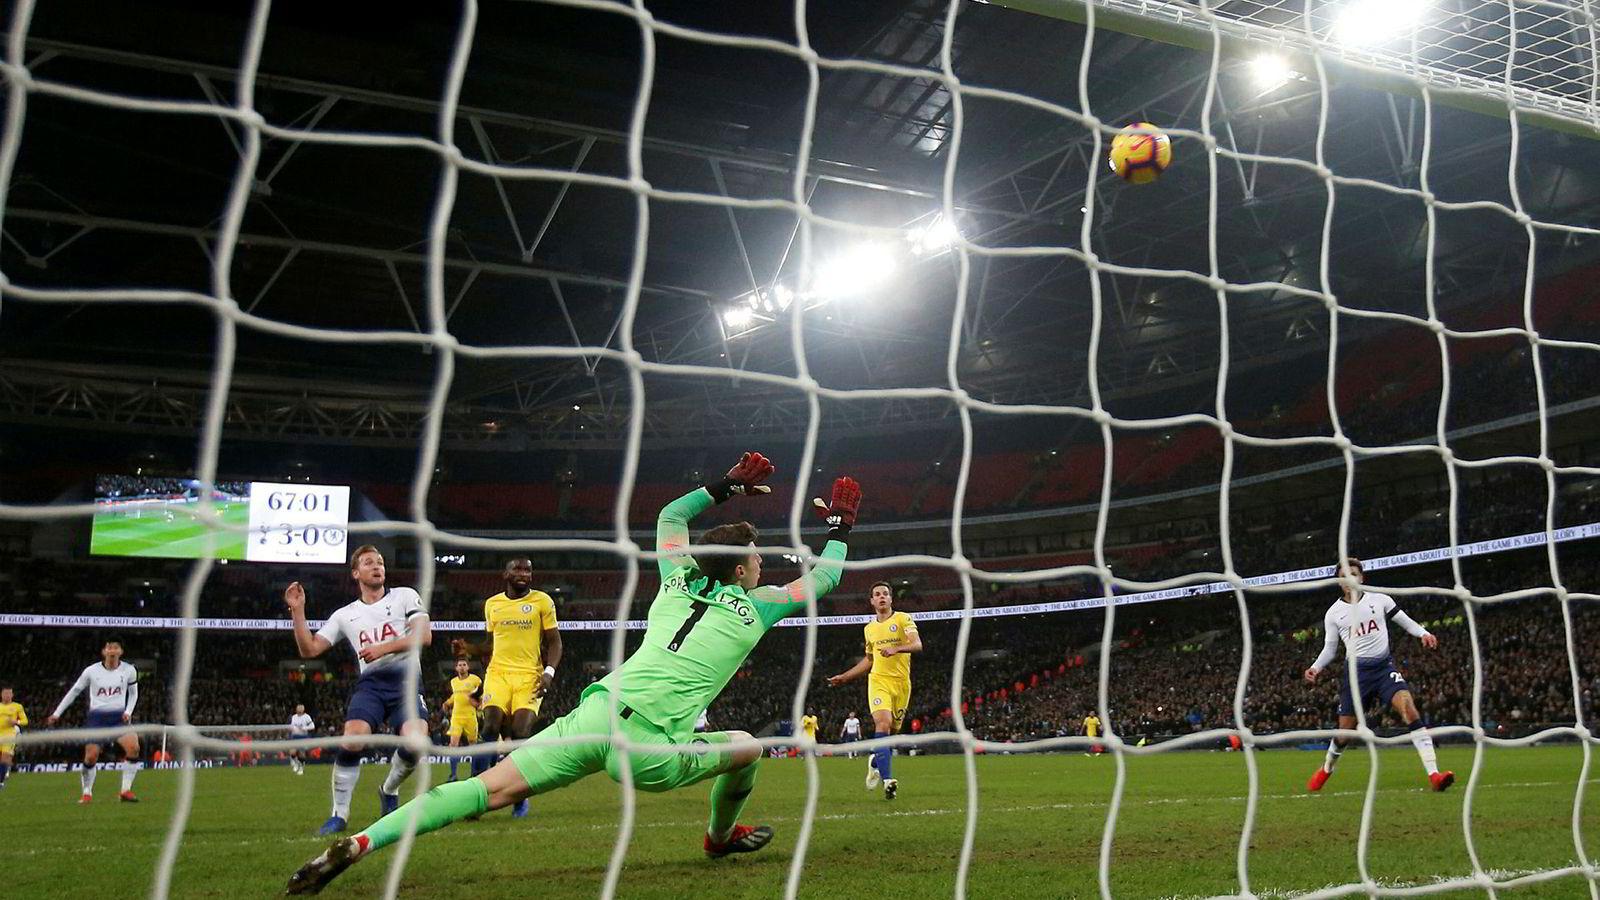 Teknologigigantene har begynt å snuse på Premier League-rettigheter. Her fra kampen mellom Tottenham og Chelsea i forrige uke.